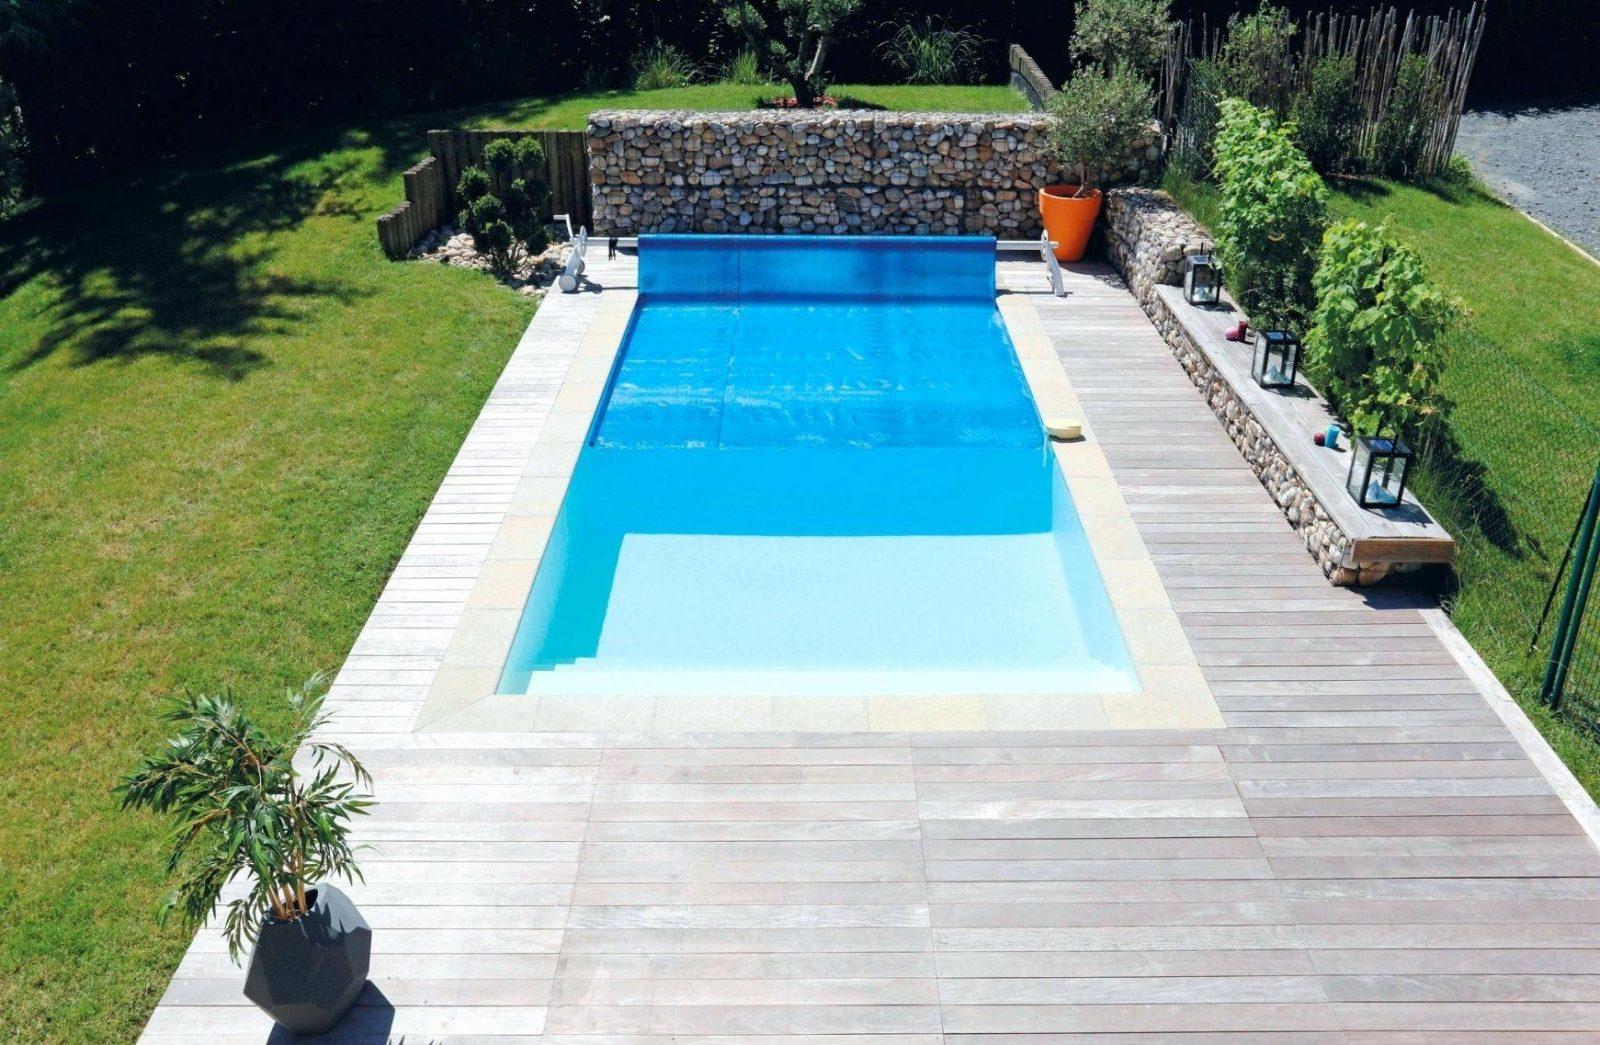 Poolabdeckung Winter Sliding Deck To Cover Pool When Not In Use von Poolabdeckung Rund Selber Bauen Photo